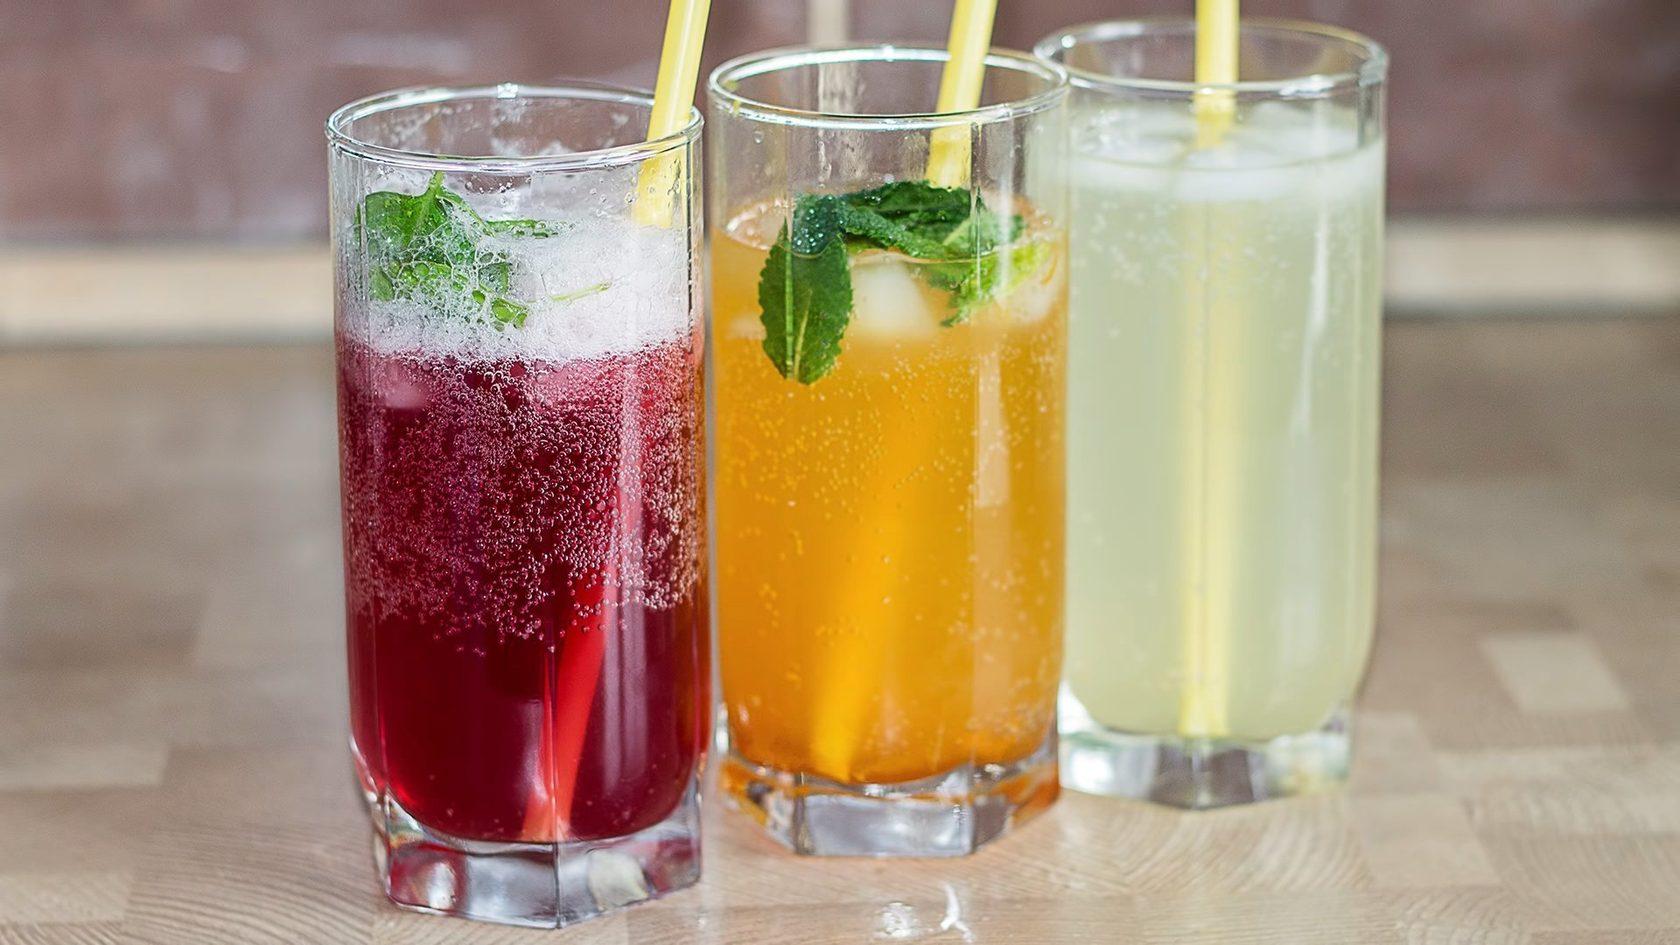 полоса картинки с напитками в стаканах выяснилось, результате